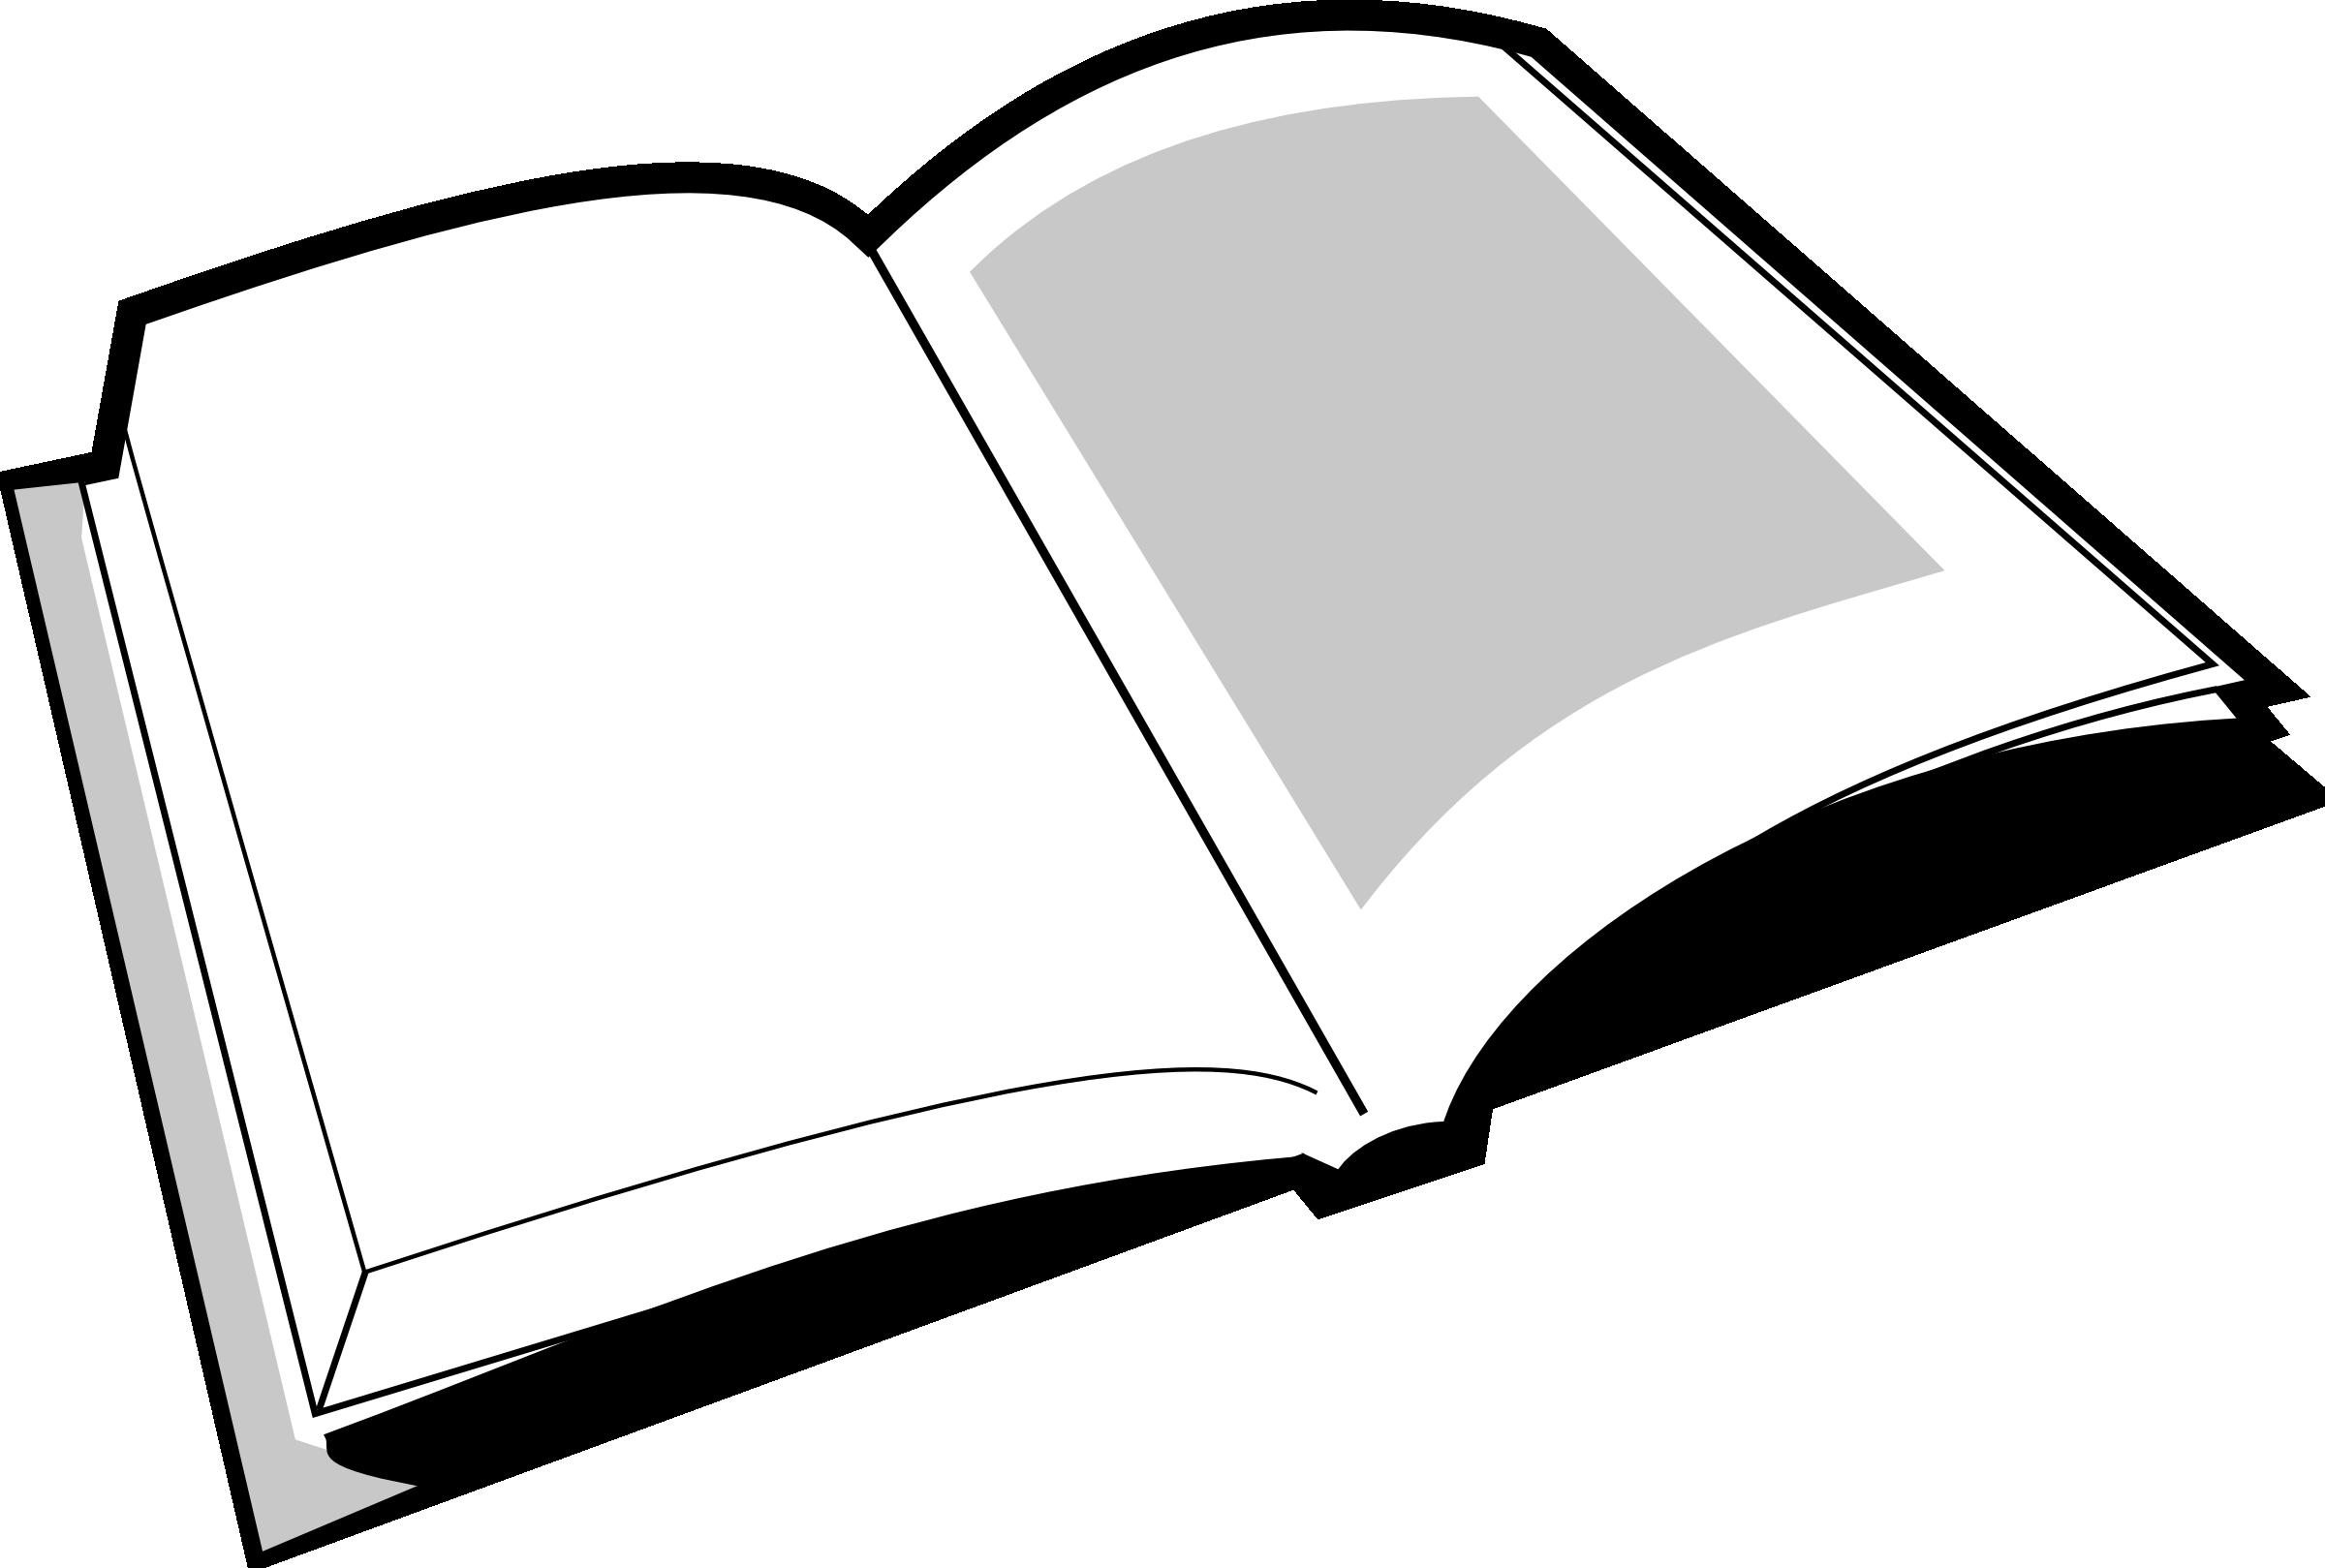 2400x1619 Free Open Book Clipart Public Domain Clip Art Images 6